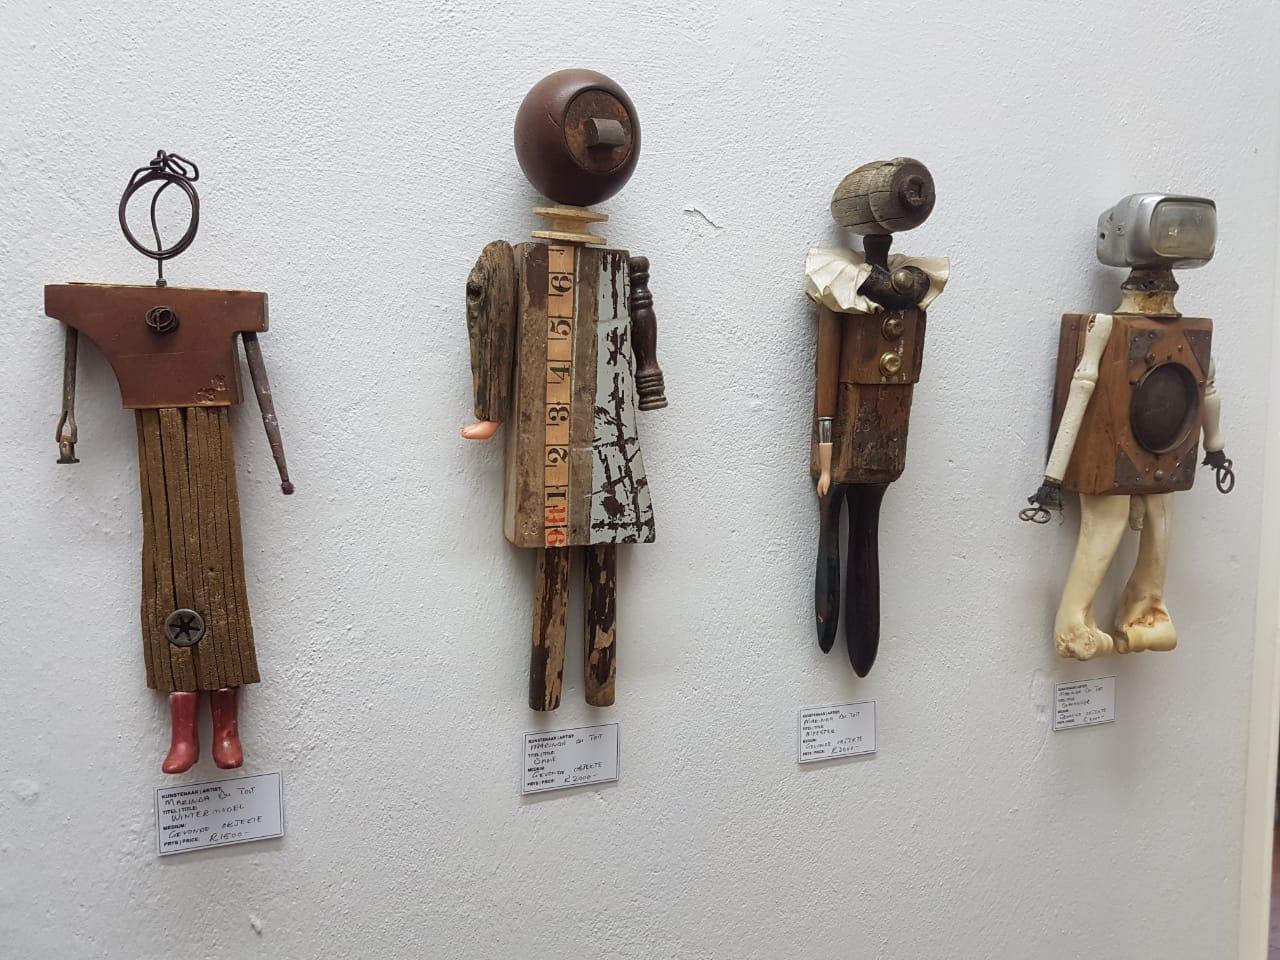 Marinda du Toit beeldhouwerk (foto: Quintus van Rensburg, 2018)